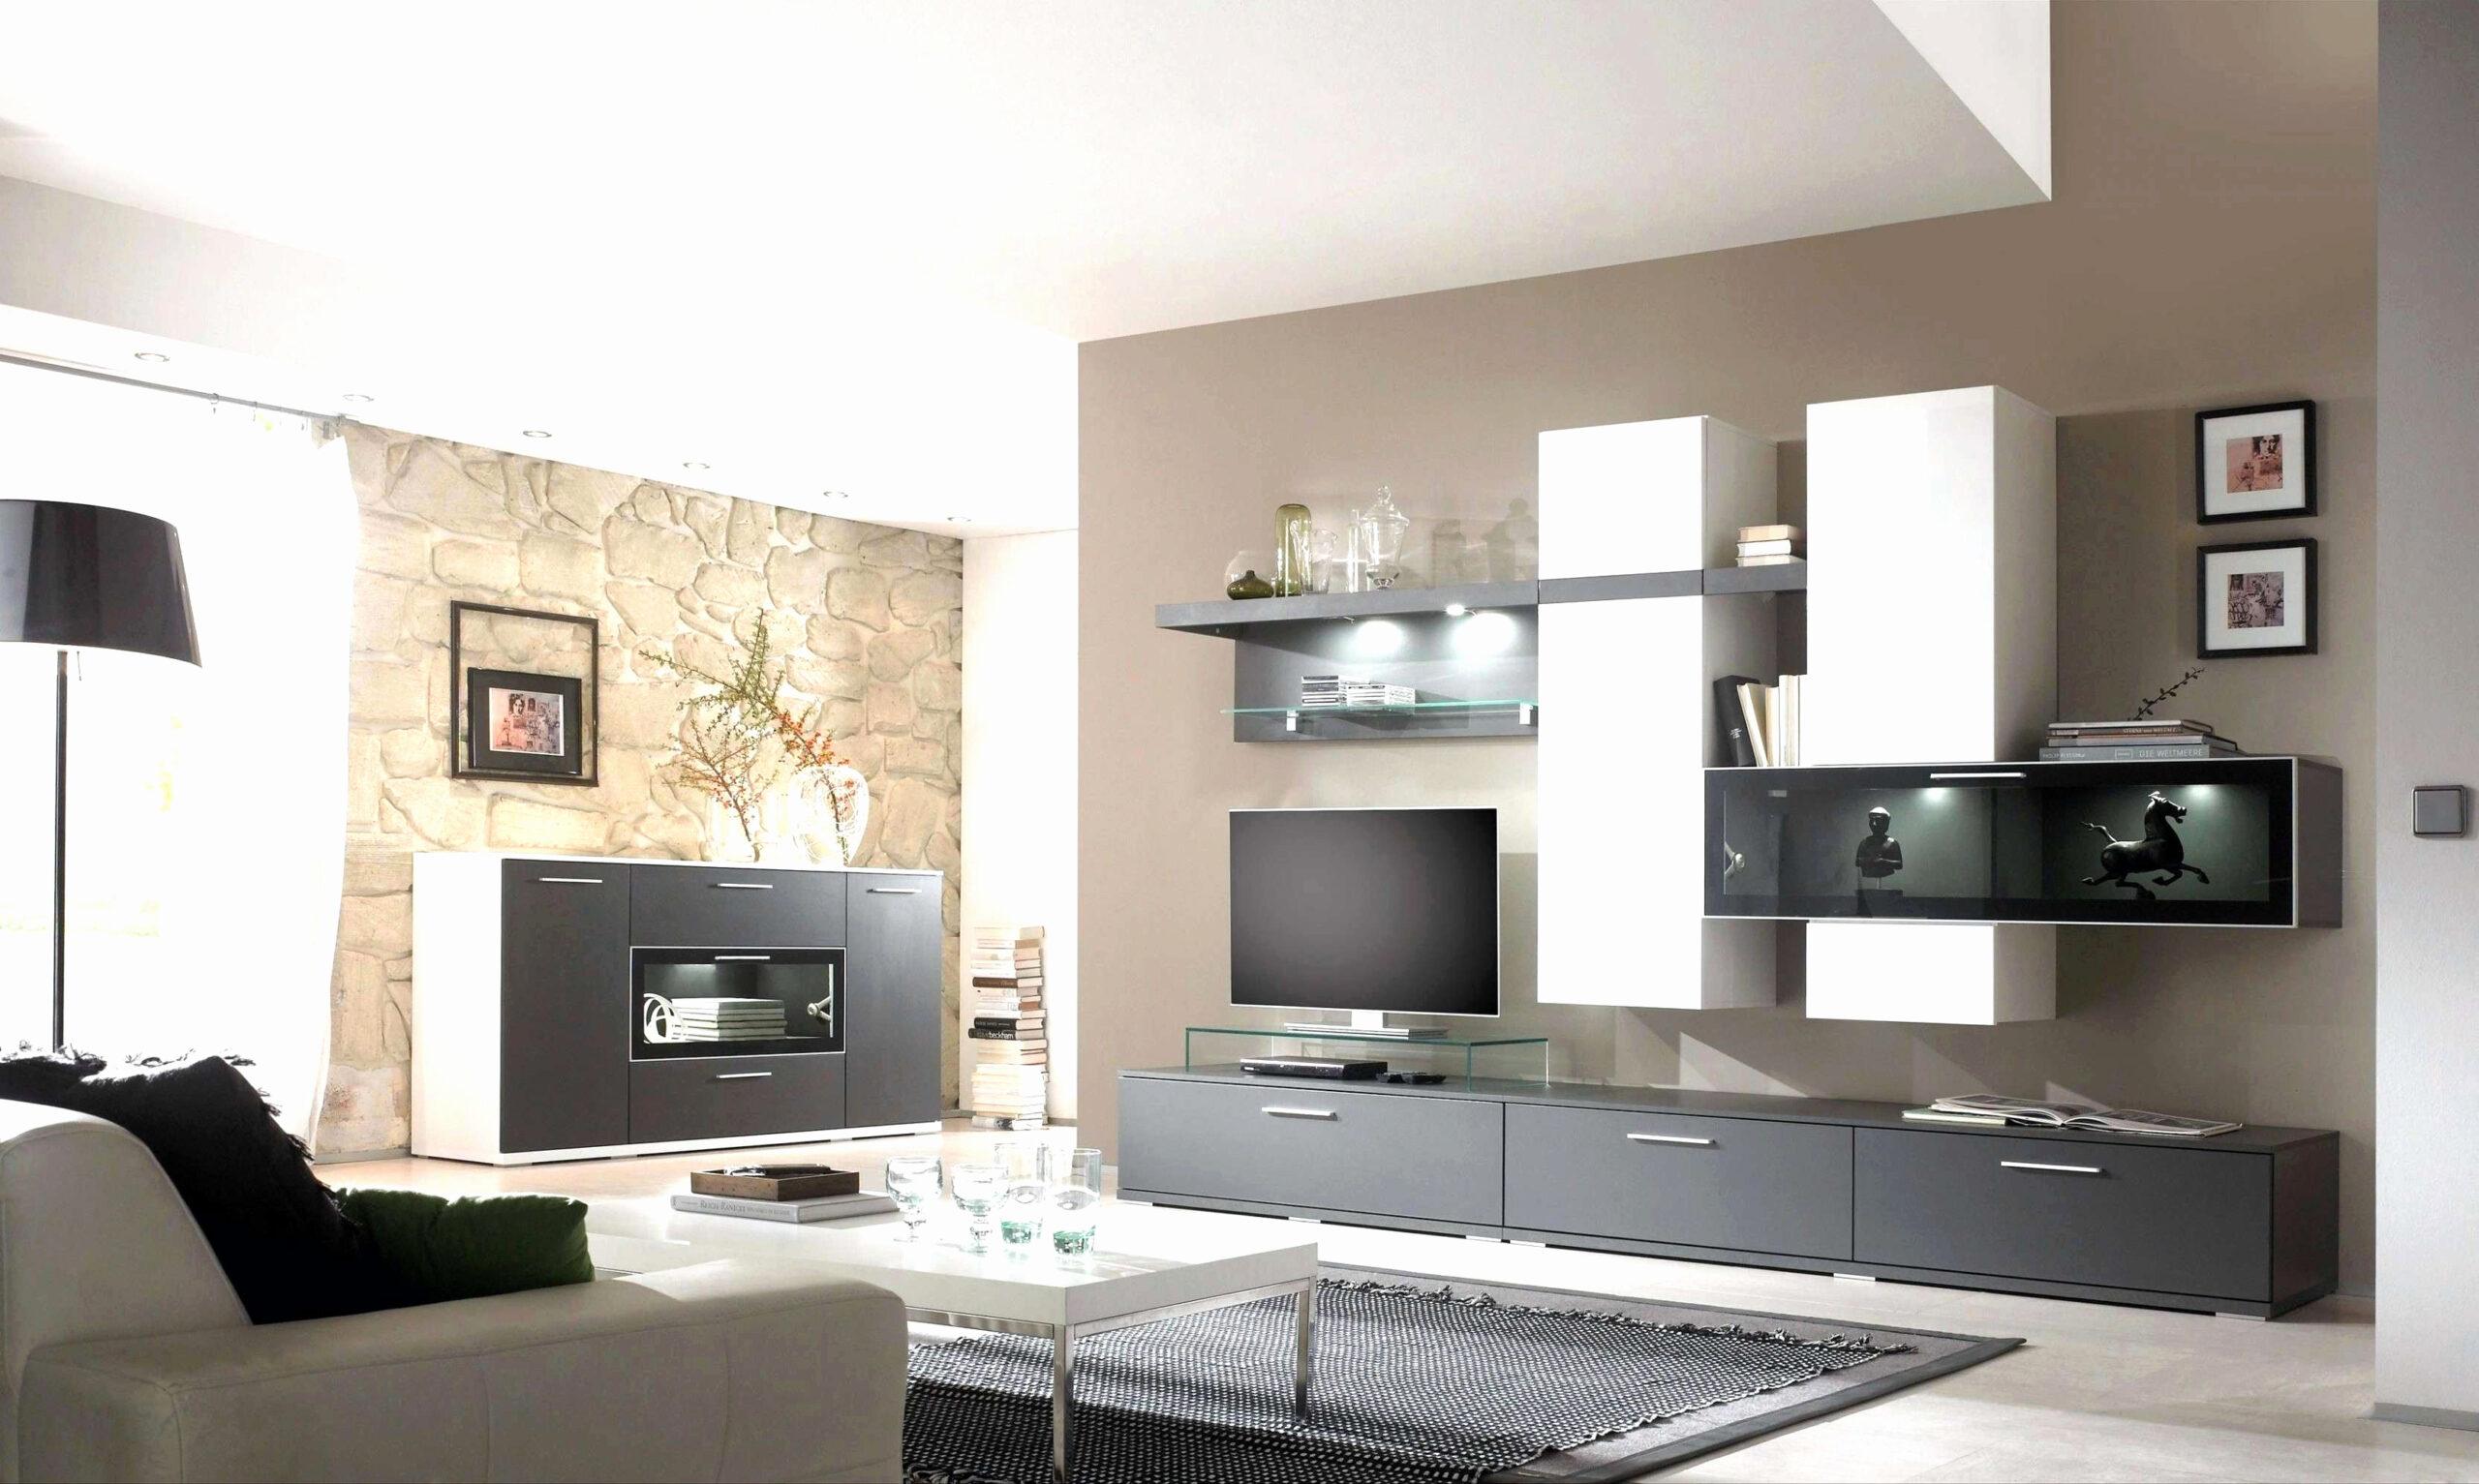 Full Size of Wanddeko Wohnzimmer Selber Machen Amazon Ikea Diy Metall Modern Ebay Holz Bilder Ideen Wanddekoration Schn Schnheit Fotos Von Wandtattoos Deckenlampe Wohnzimmer Wanddeko Wohnzimmer